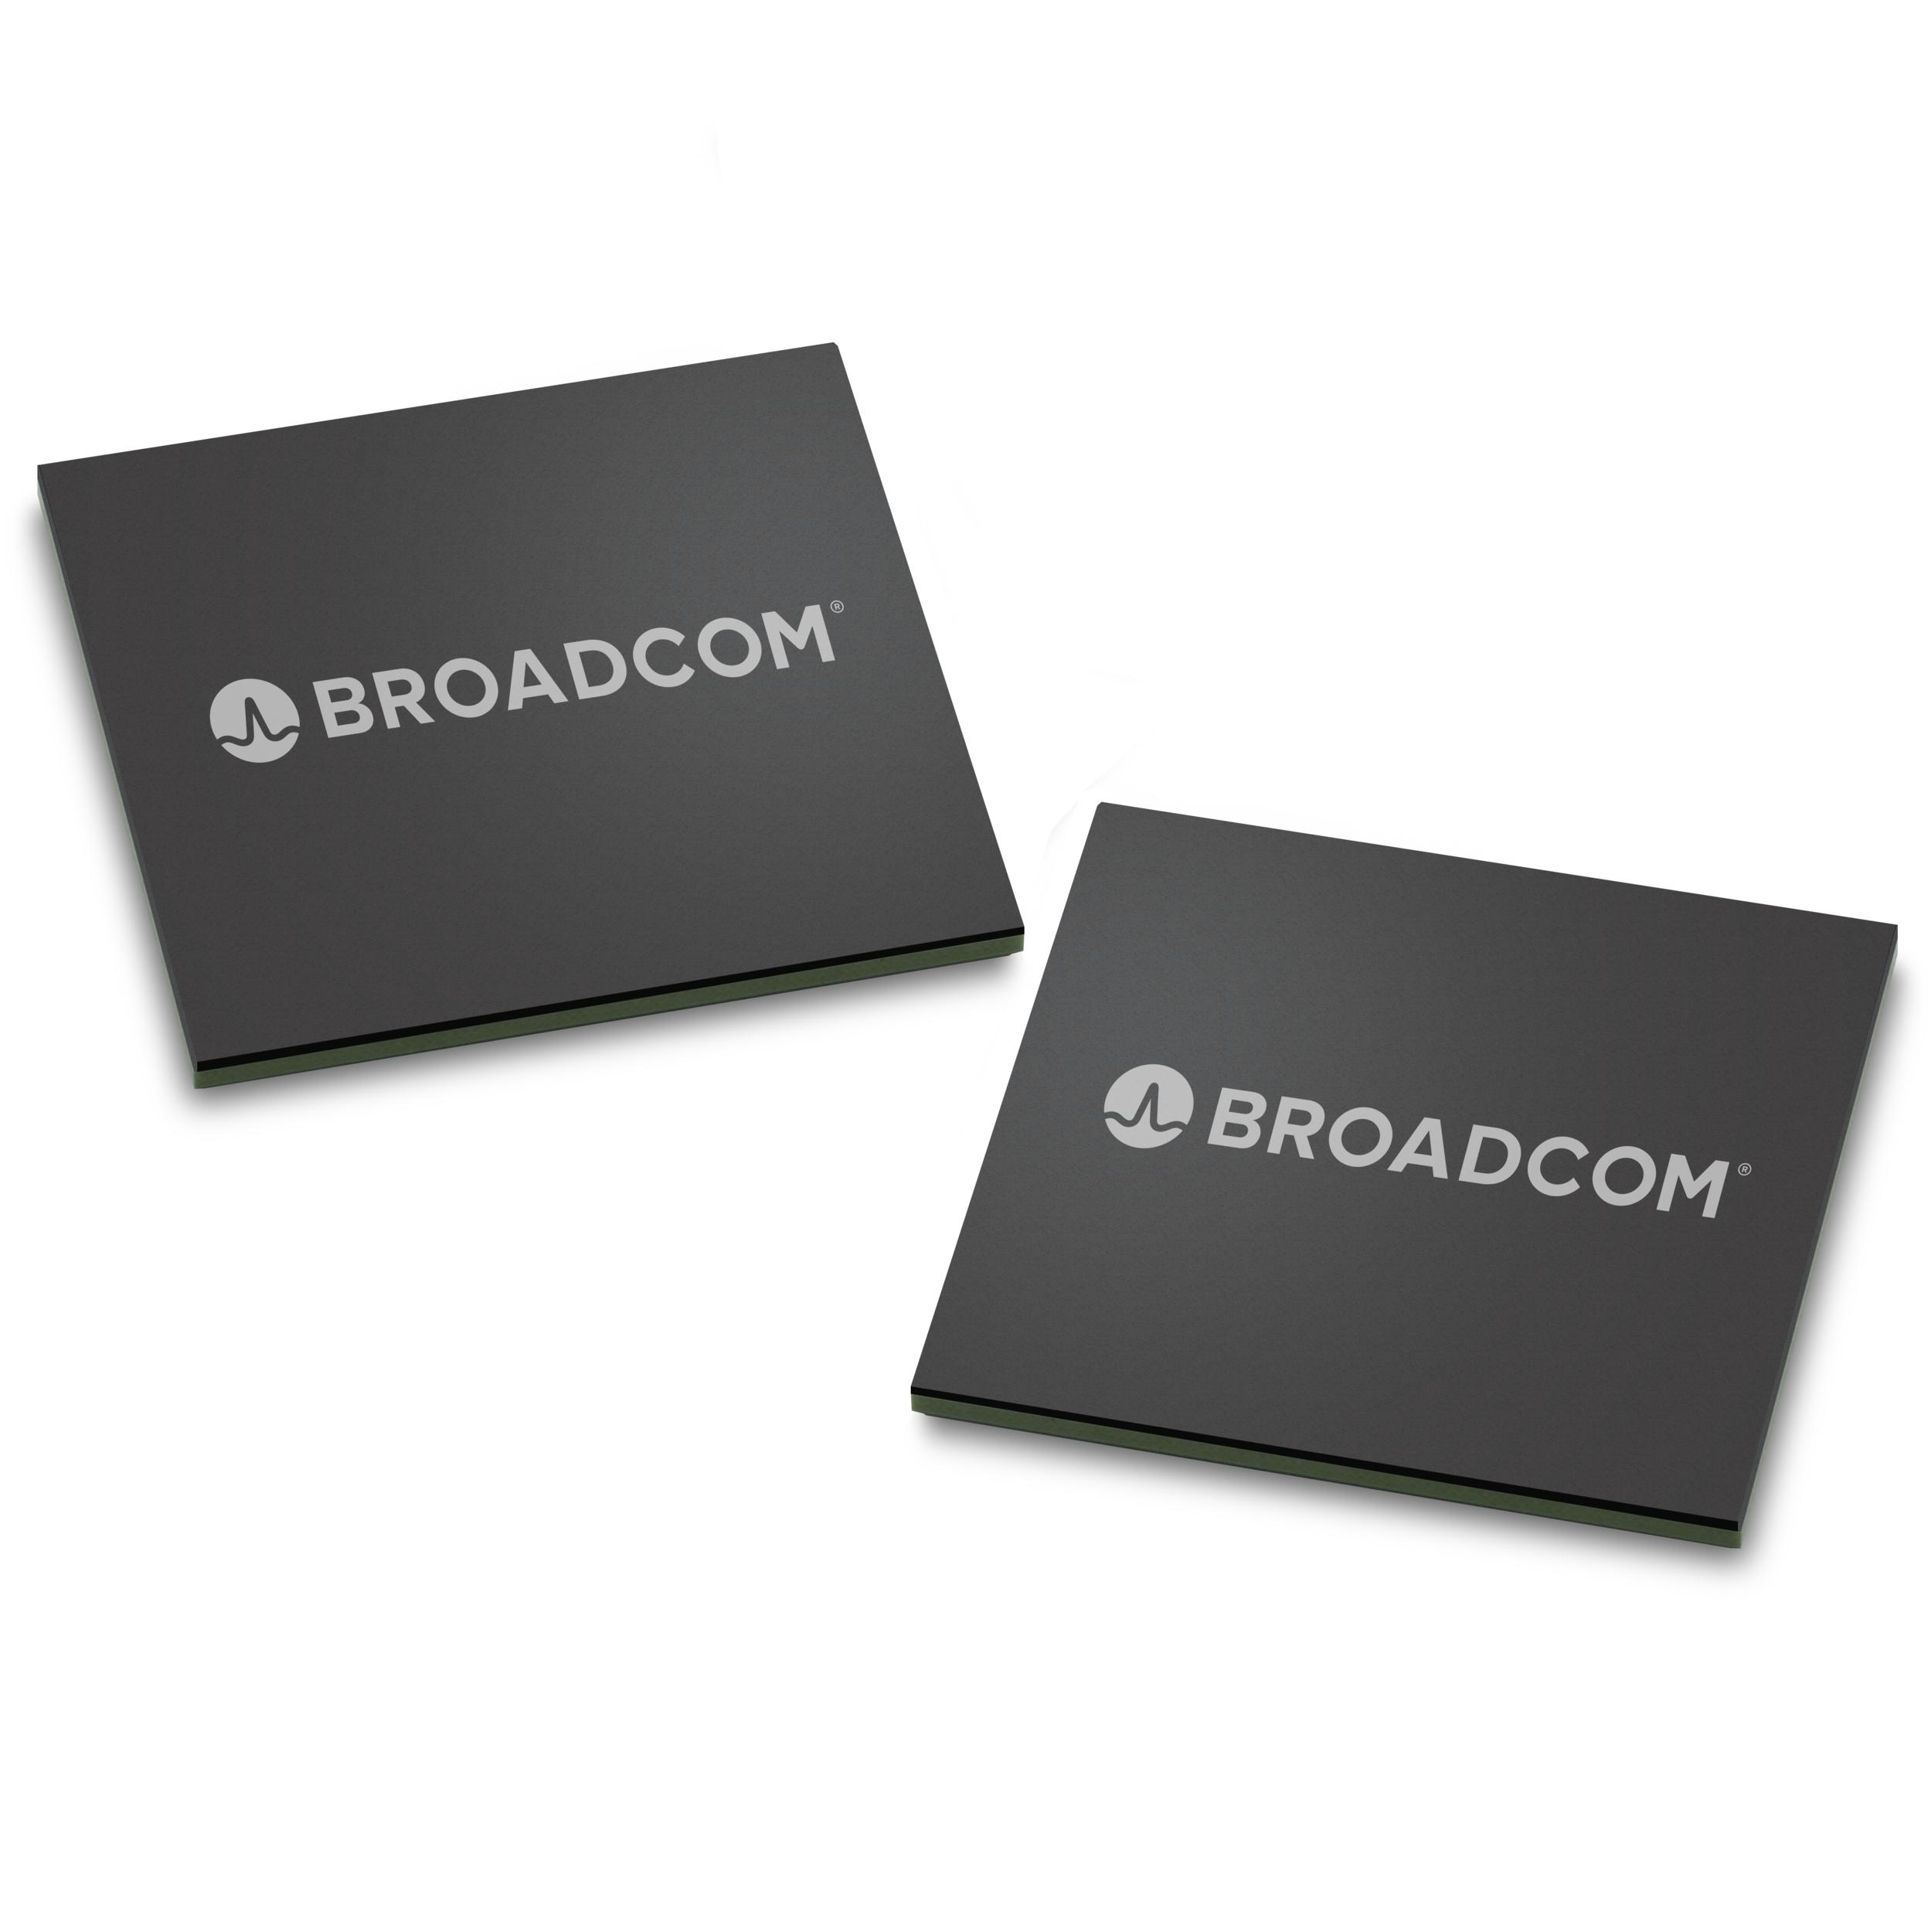 Generic BRCM Package 6.jpeg